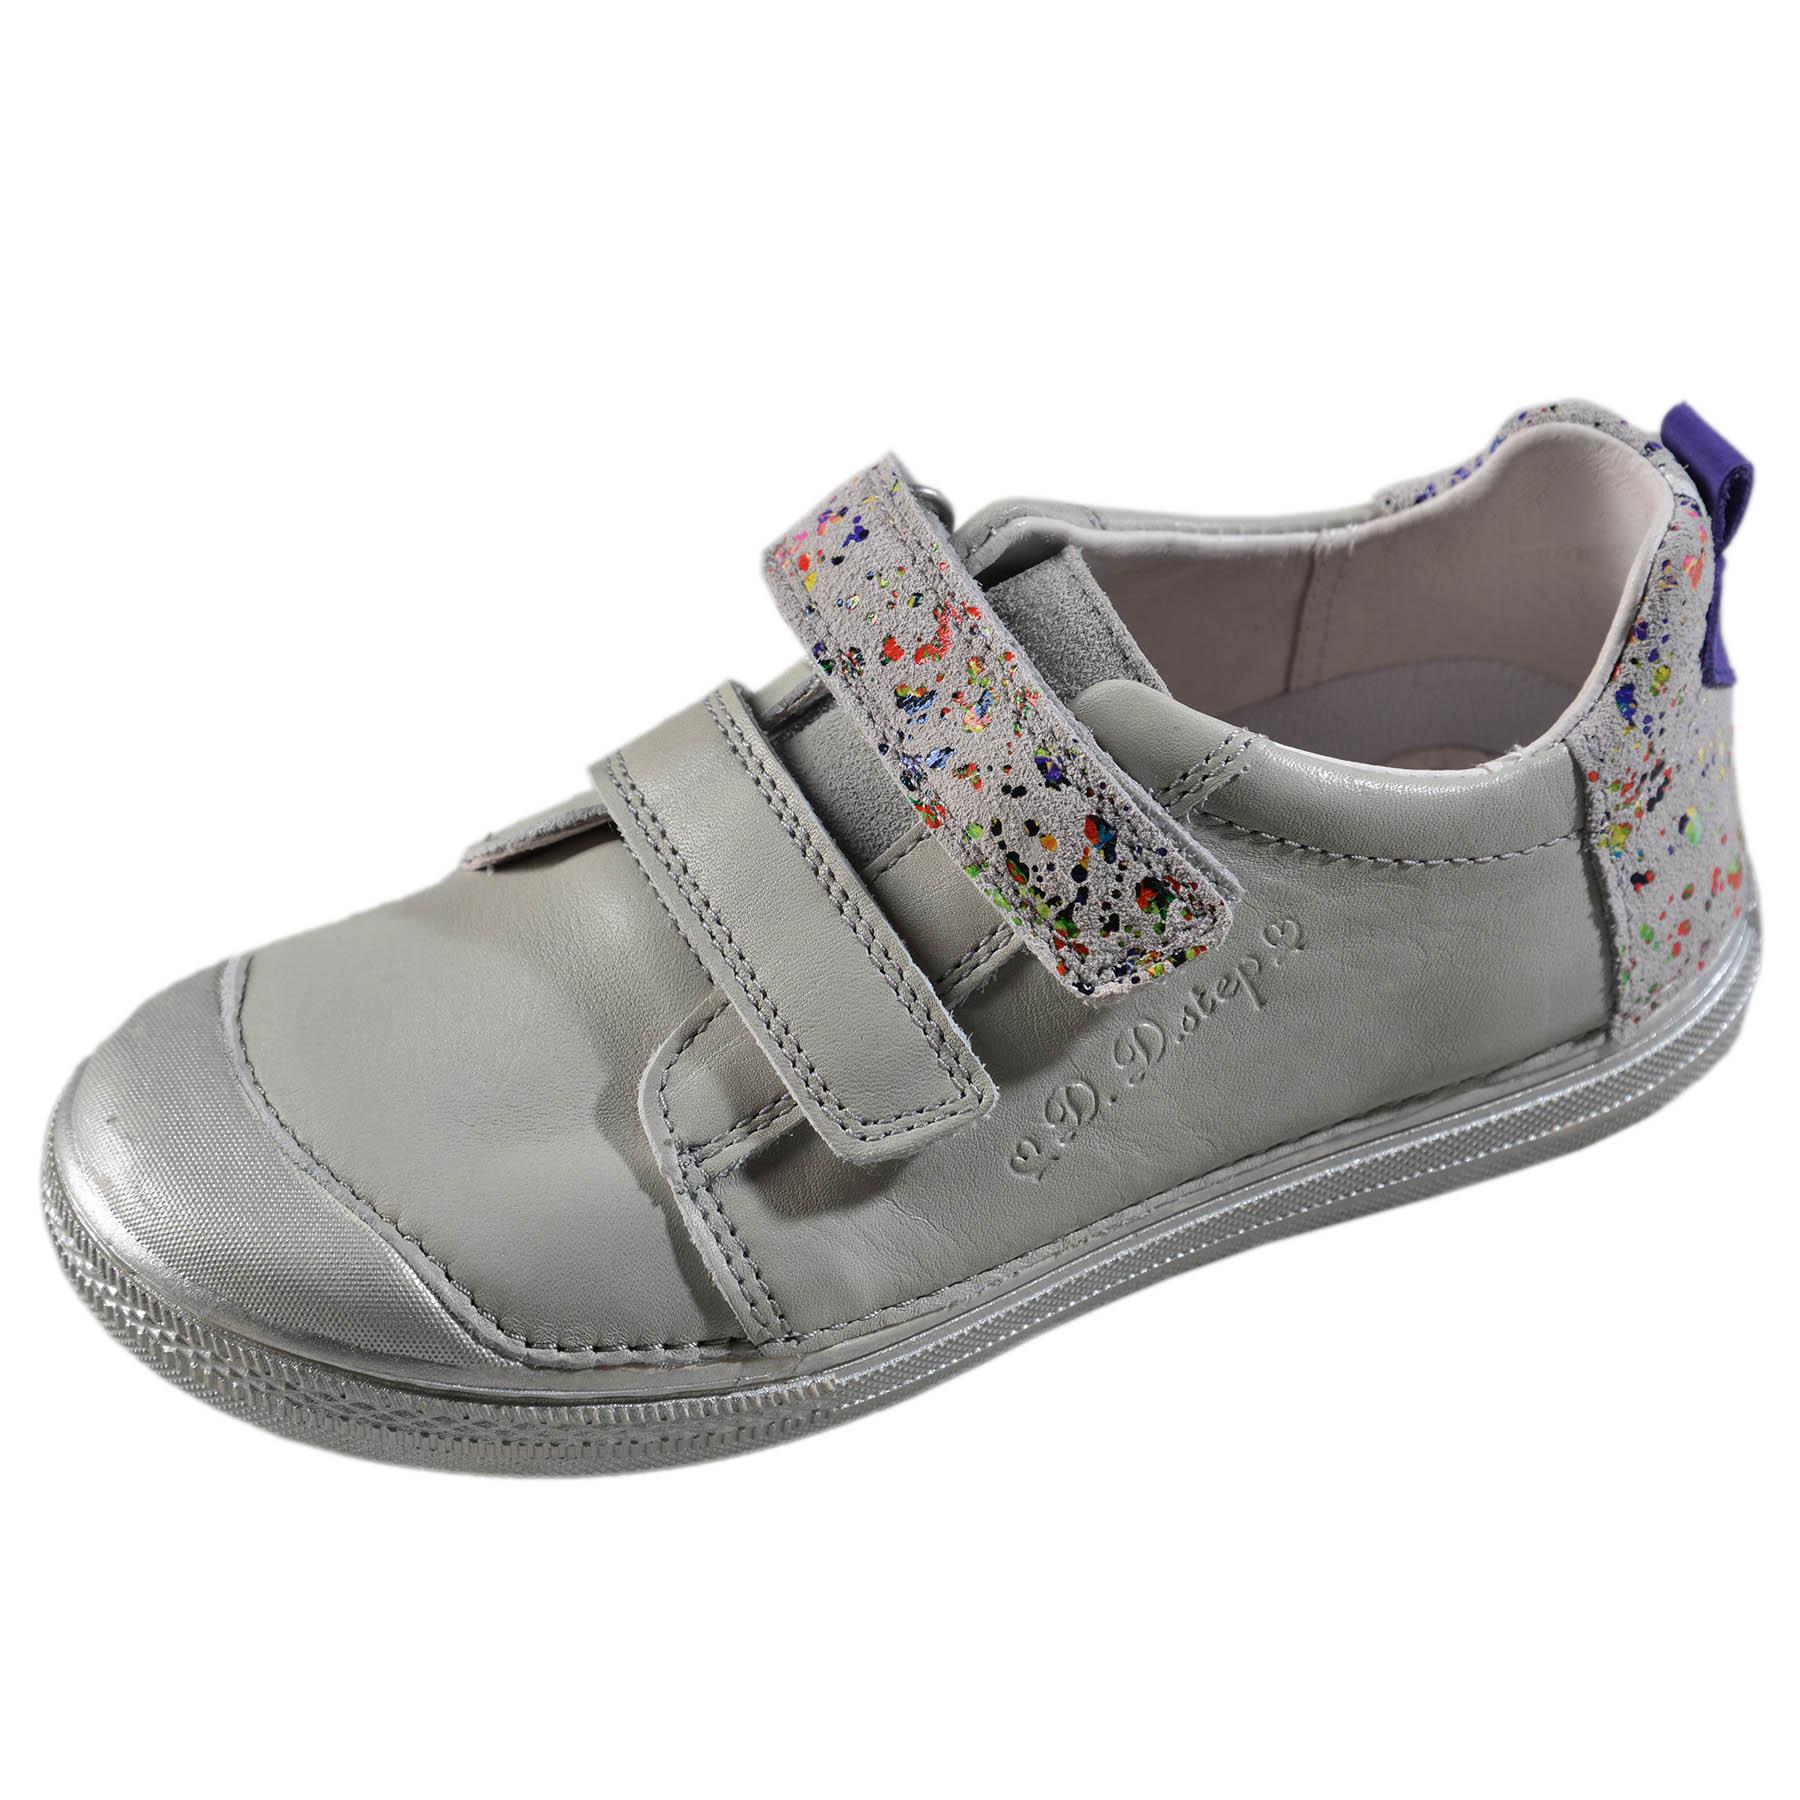 122f158367ce Dievčenské kožené prechodné topánky-Silver DDstep - 049-902CL ...